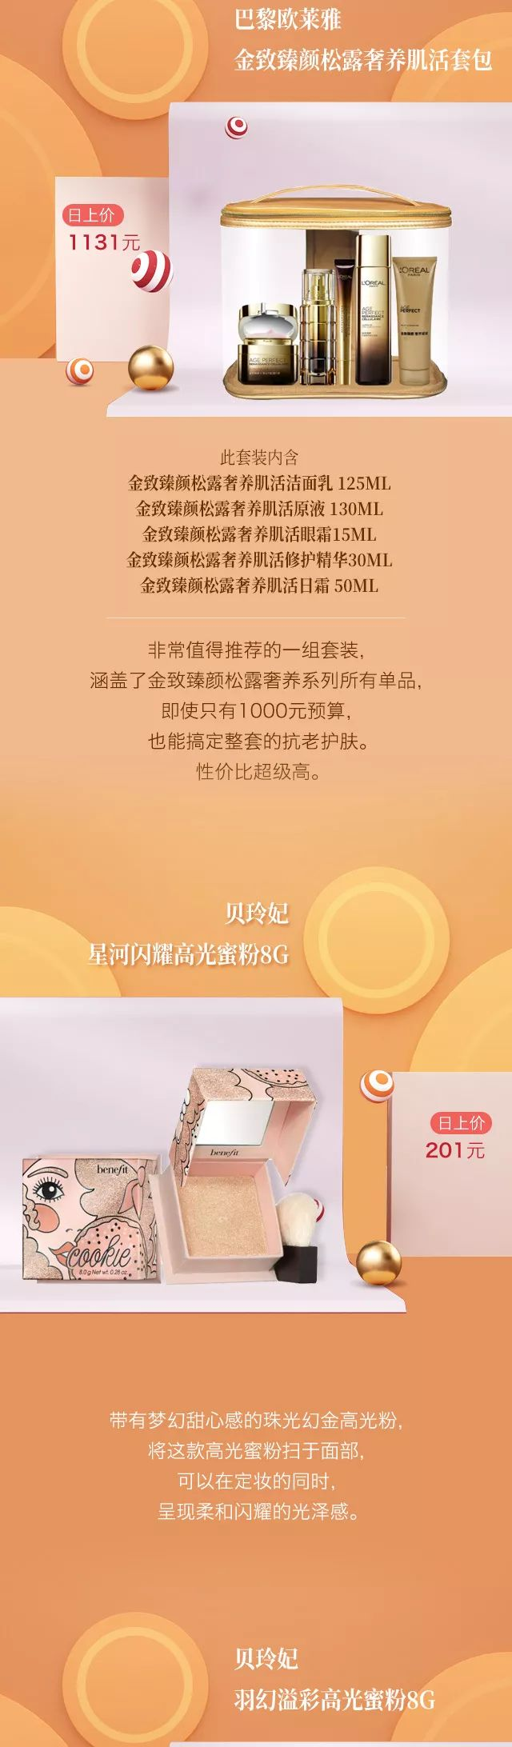 上(shang)海日上(shang)免(mian)稅行上(shang)海11月狂歡折扣匯總(zong)(附價格)